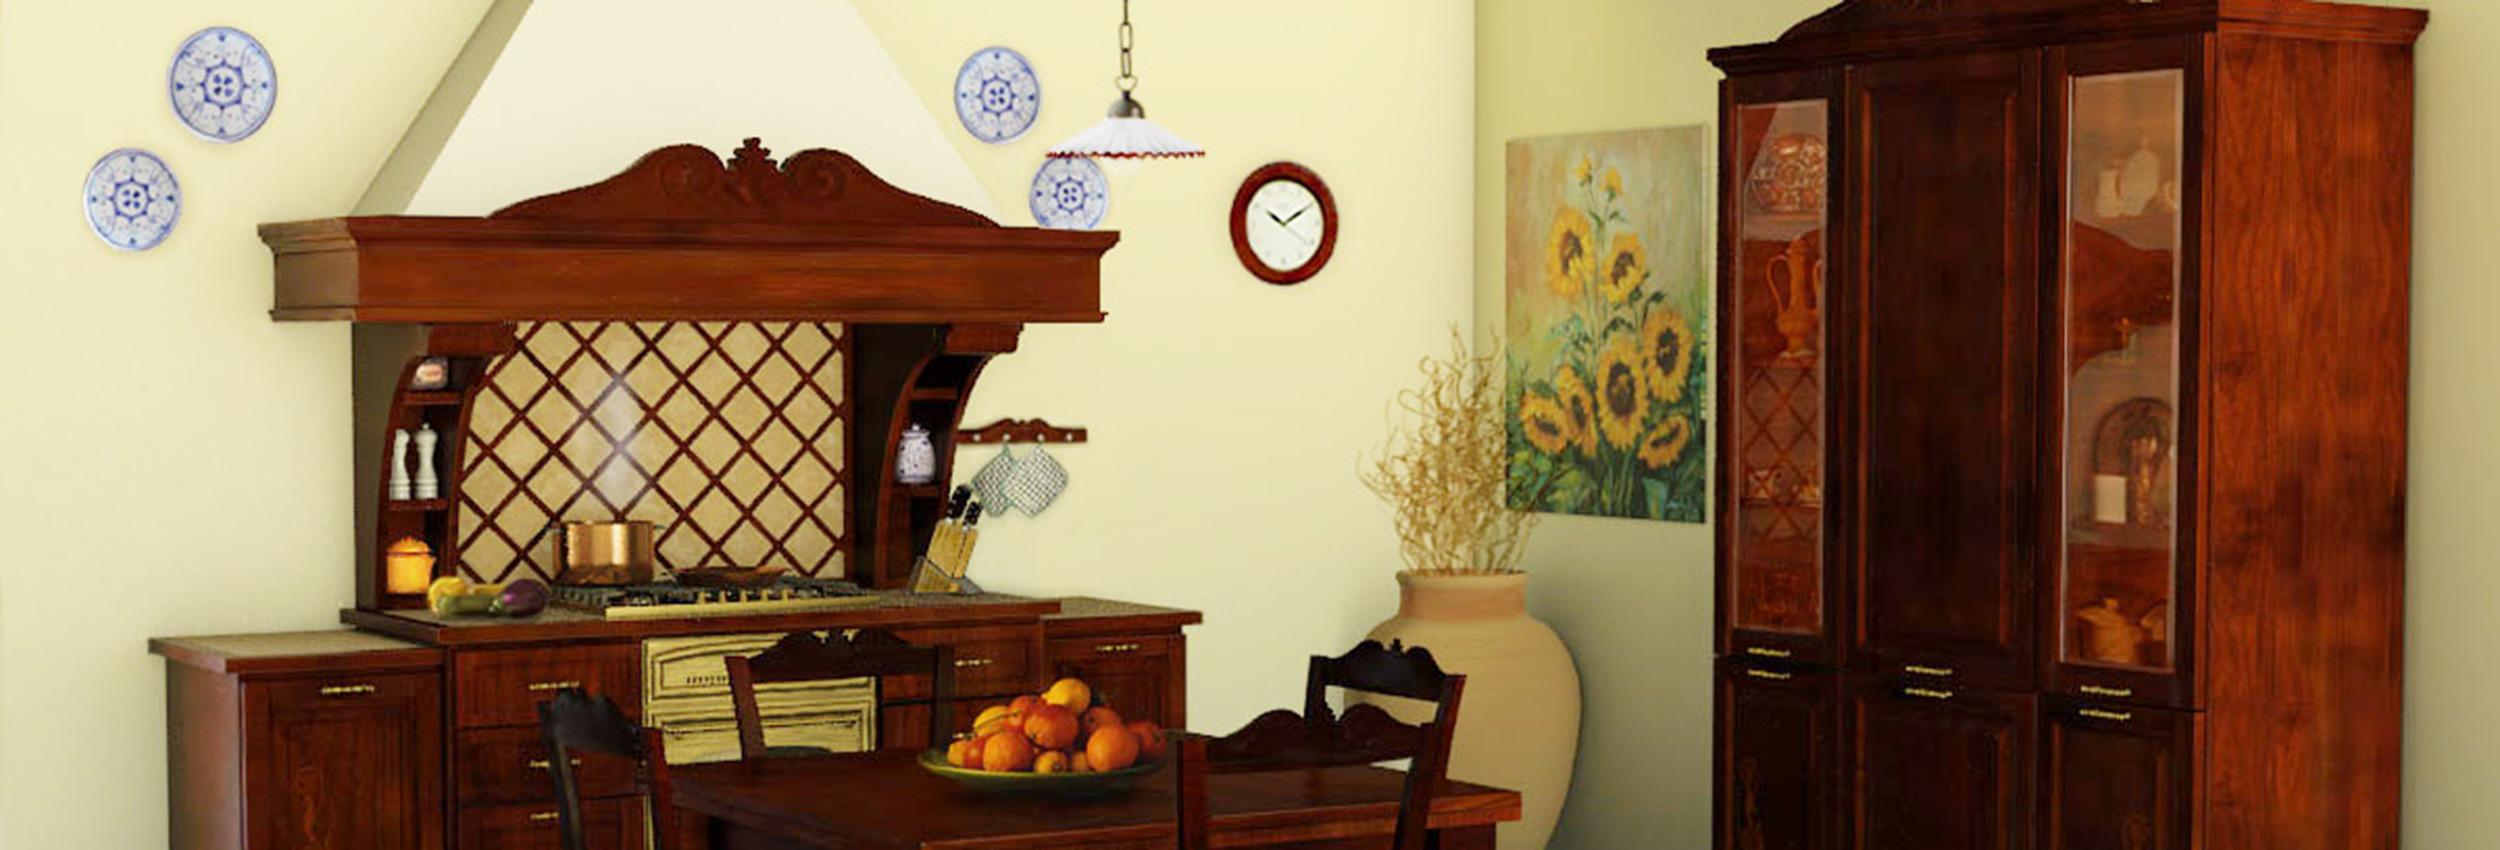 Cucine della Nonna - Cucine artigianali - Cucine italiane